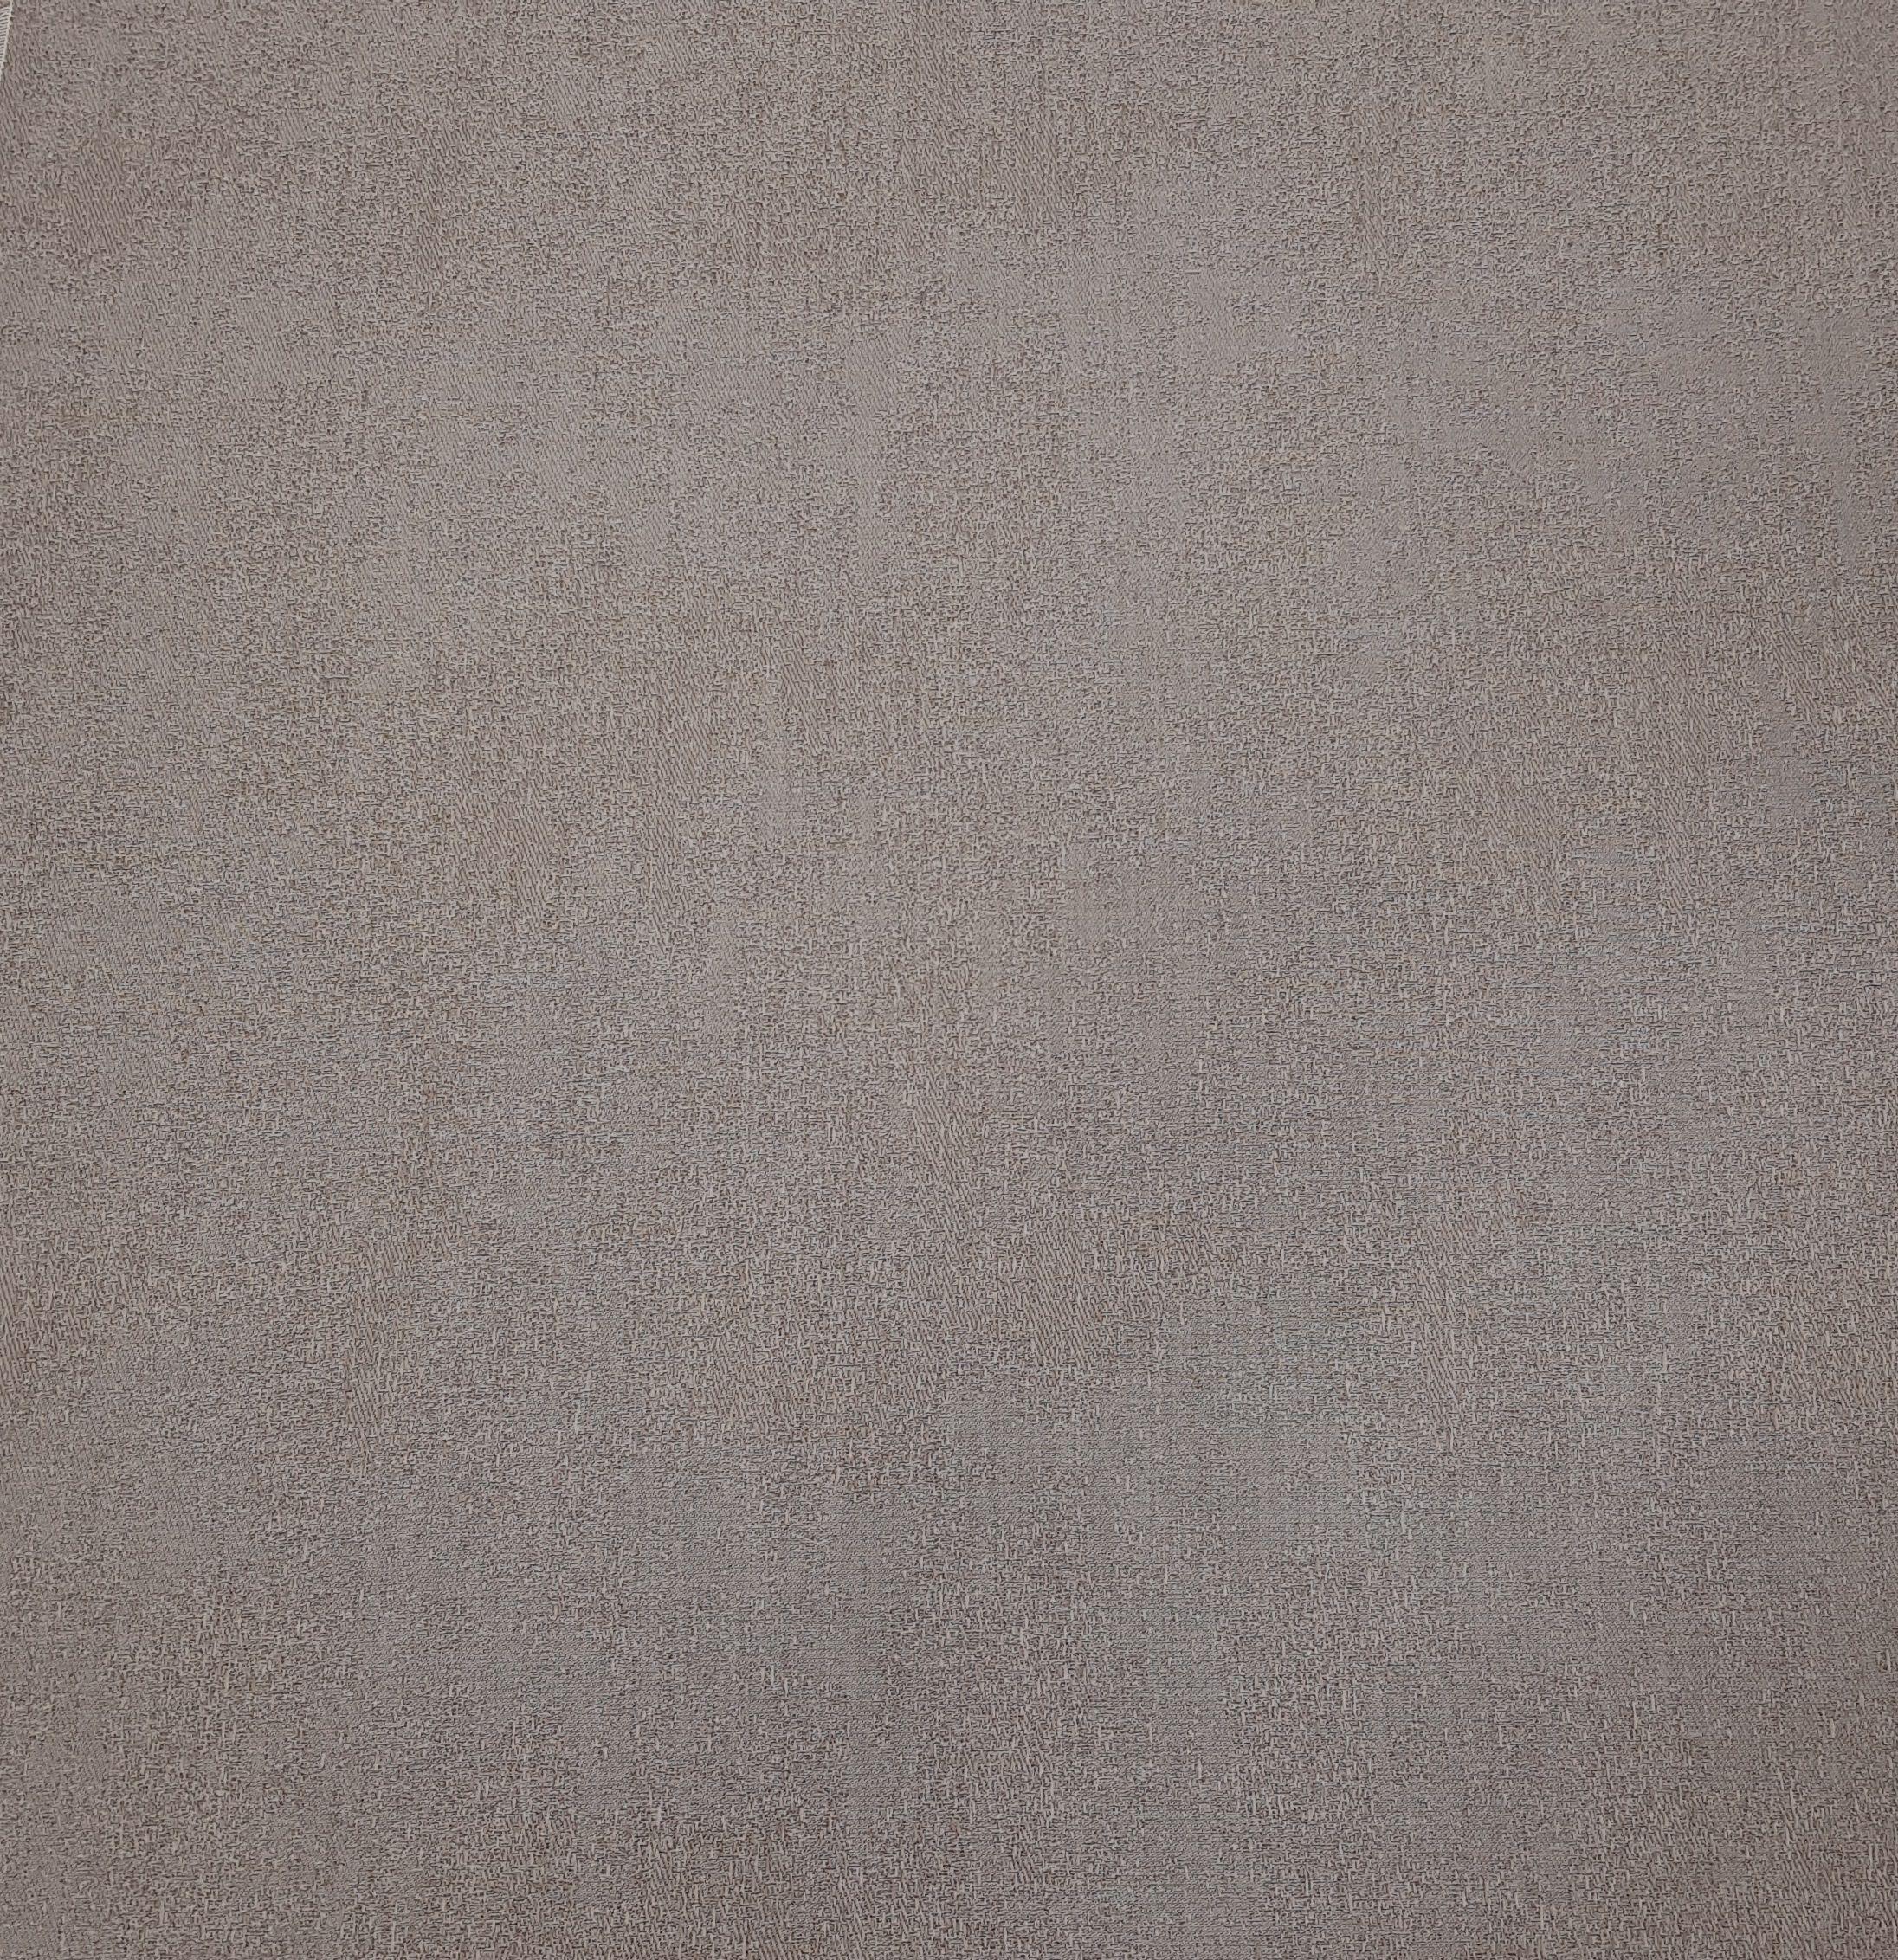 MINDO 7642 (szarobrązowy)